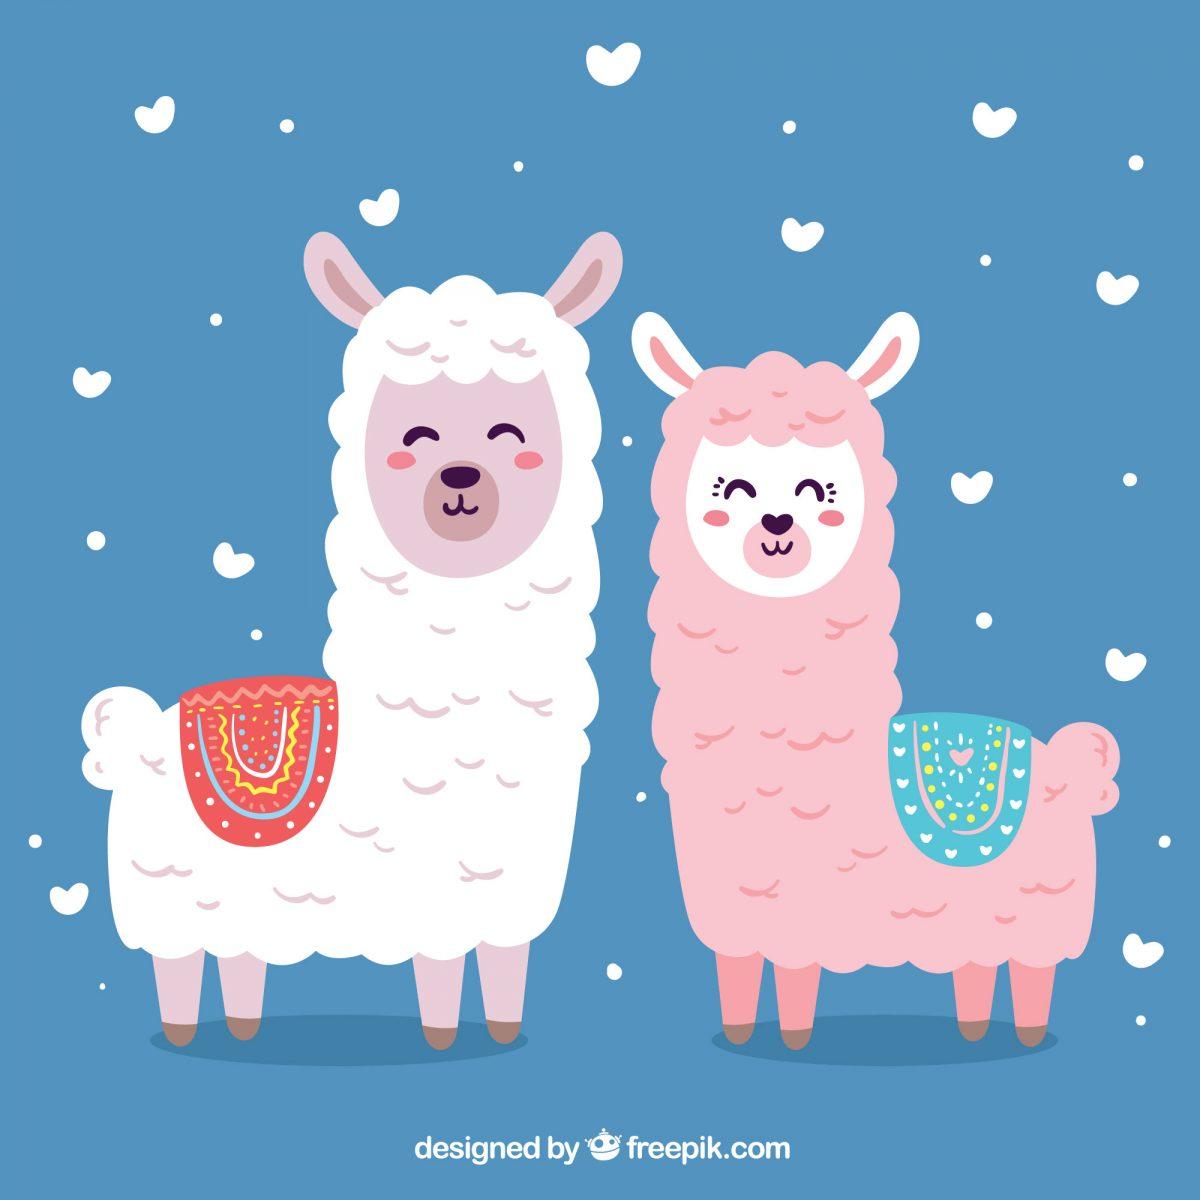 ilustracion llama alpaca digital descarga imprimir